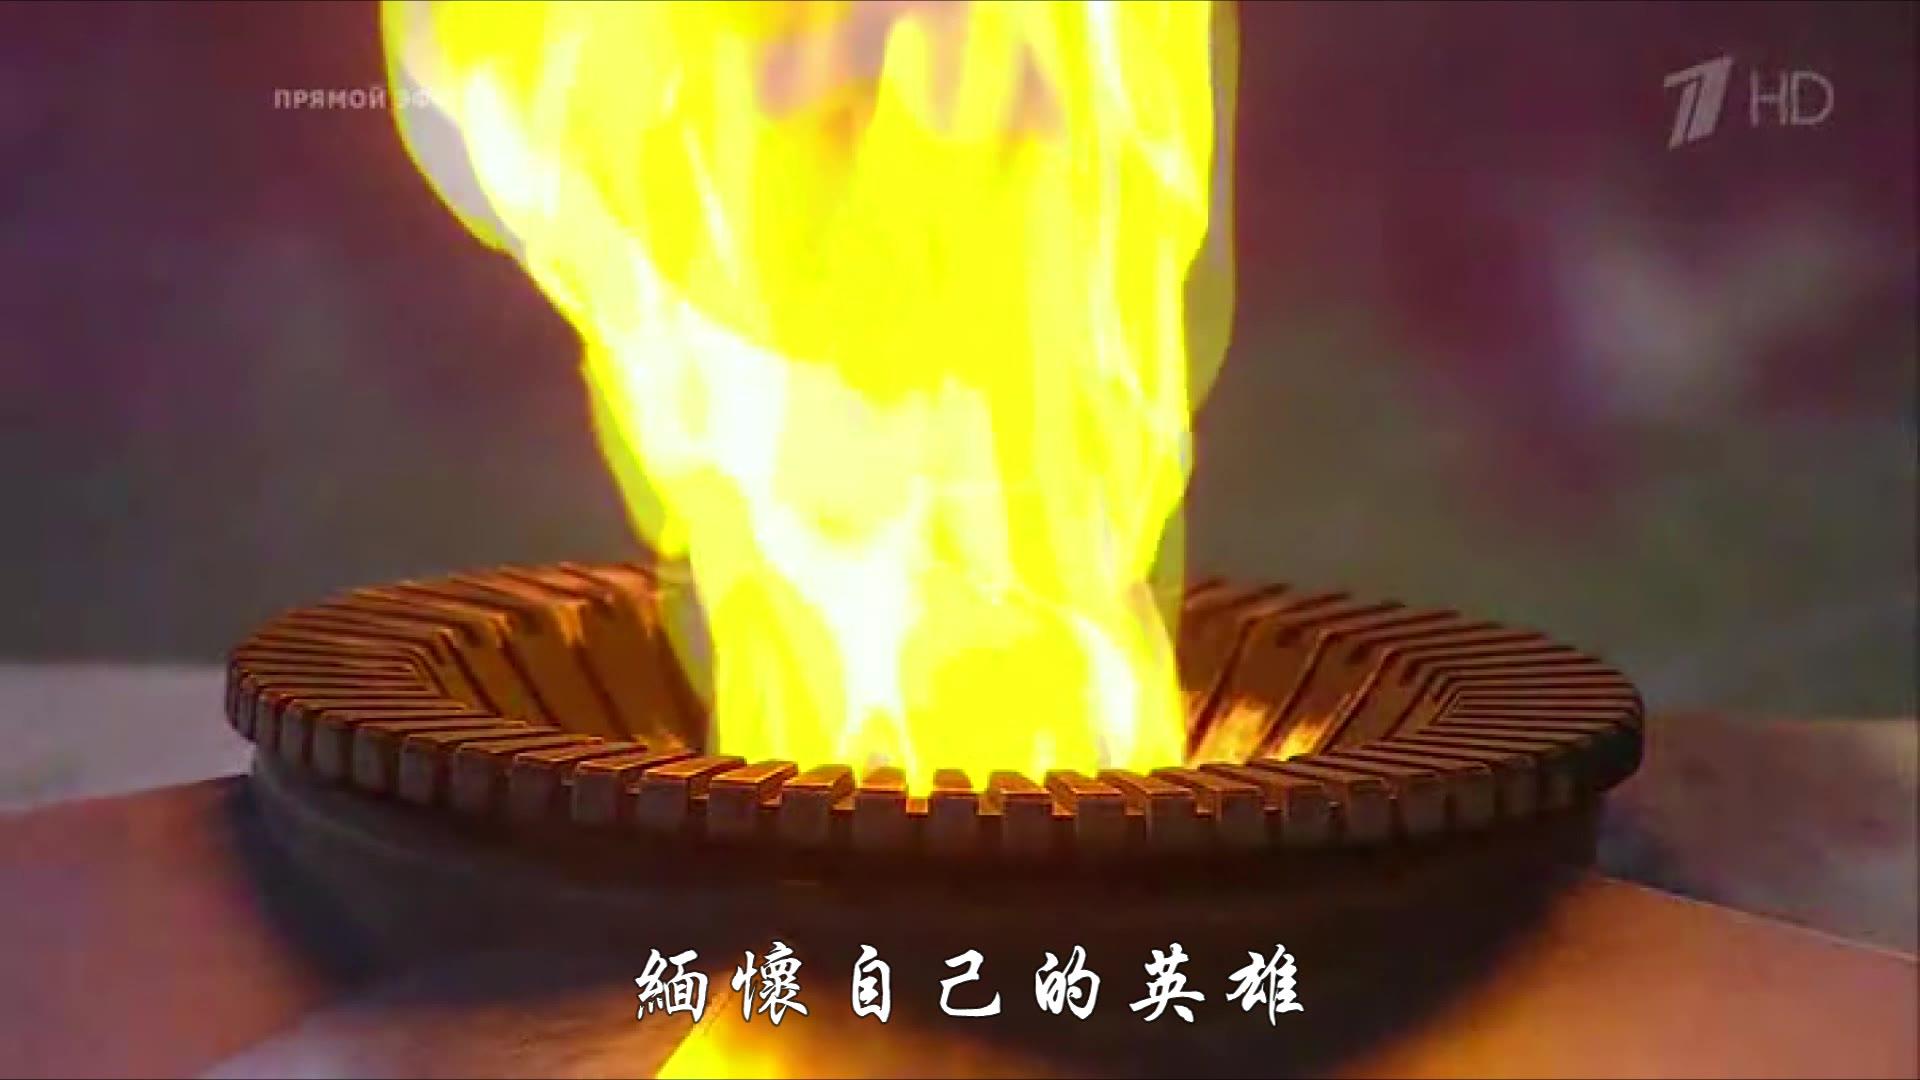 永恒的火(昔日英雄)